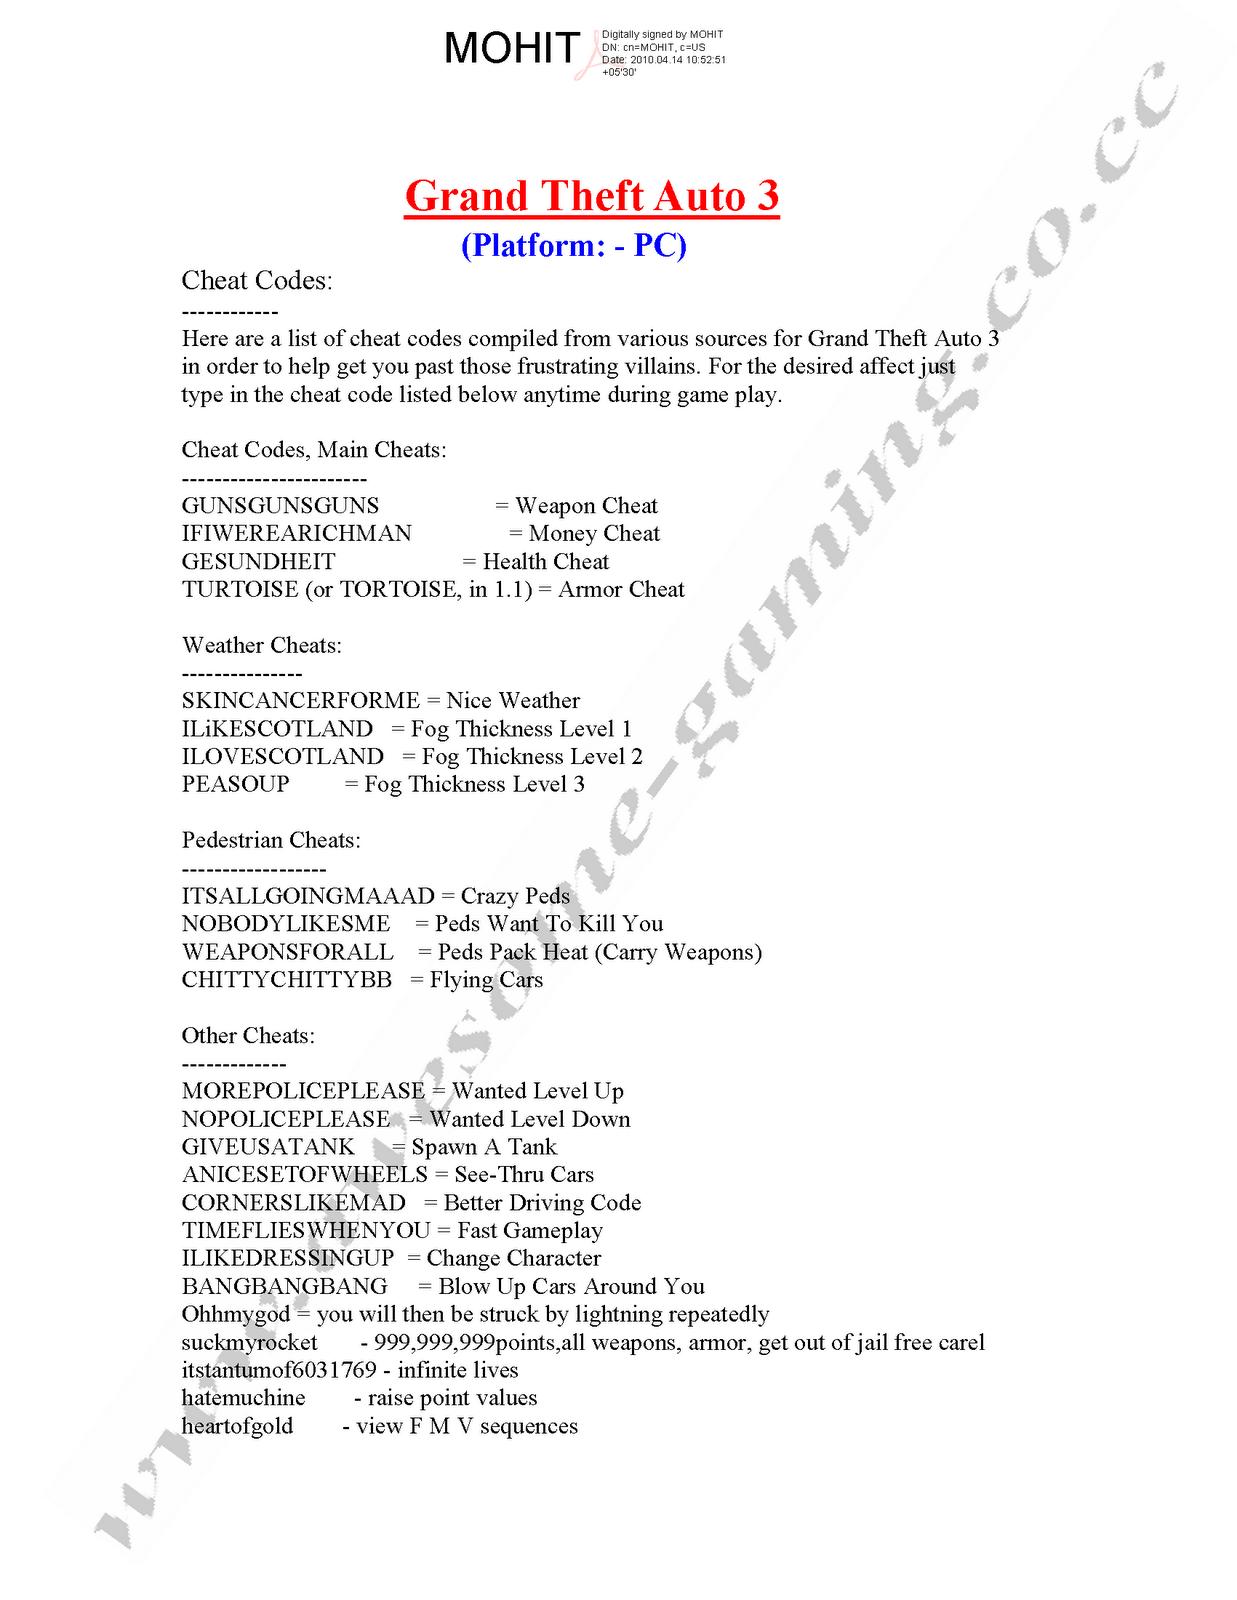 grand theft auto 3 cheat codes xbox 360